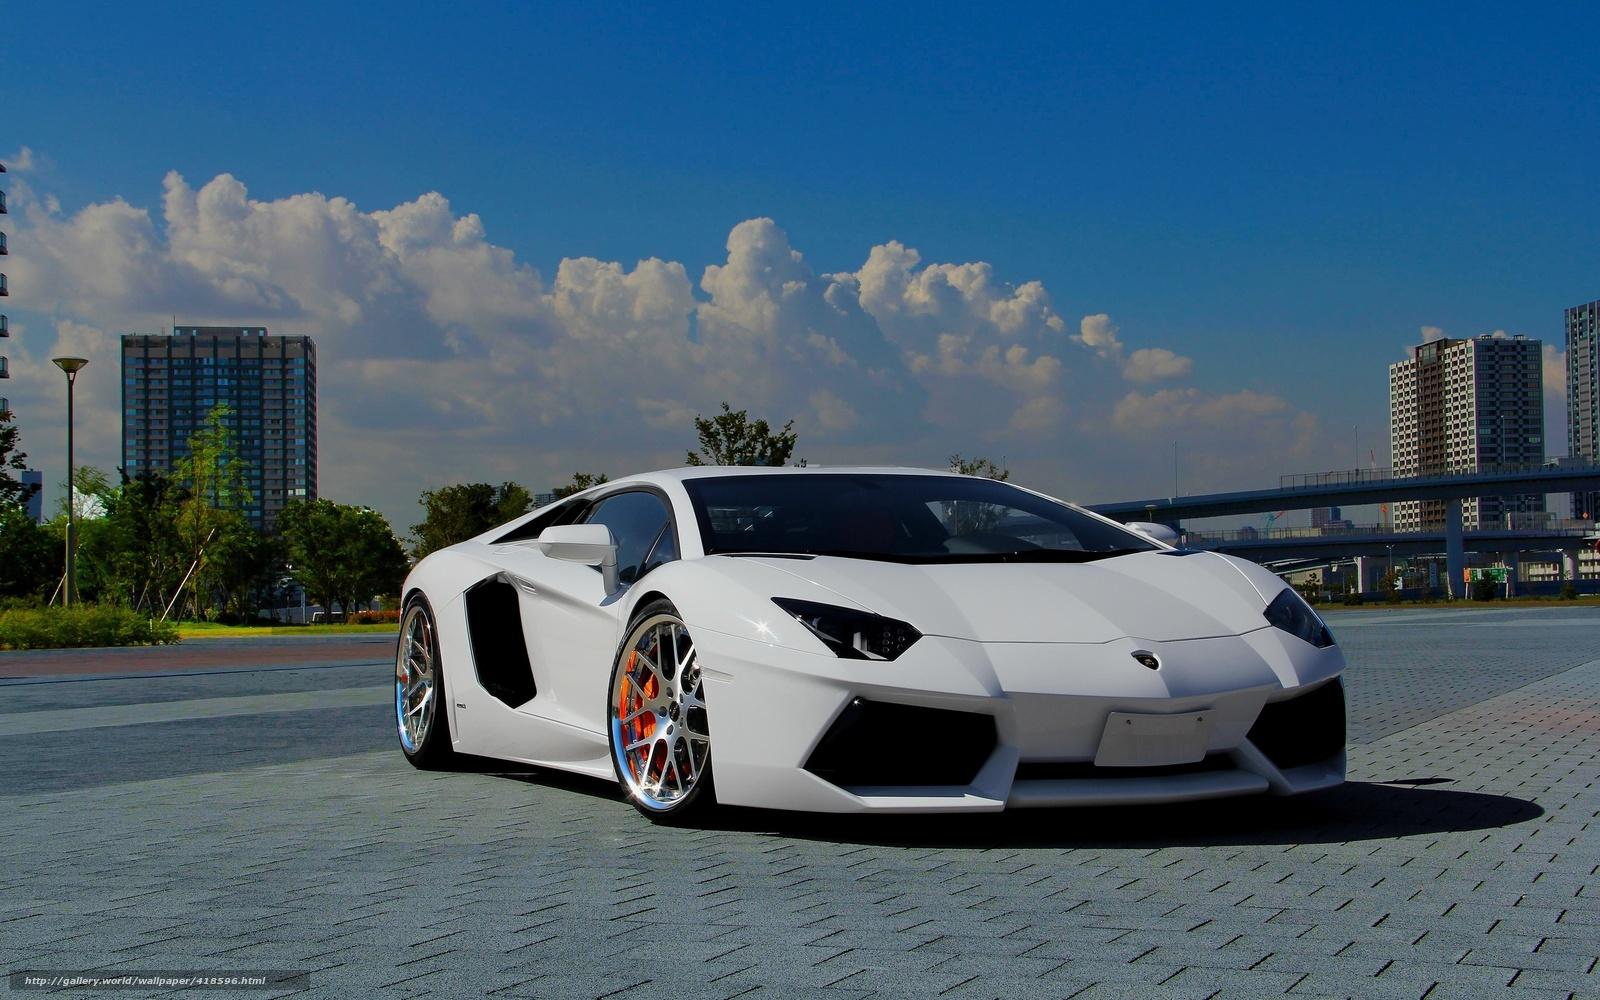 Lamborghini, Aventador, LP700-4, white, sky, clouds, Lamborghini, aventador, white, front view, sky, clouds, cars, machinery, Car